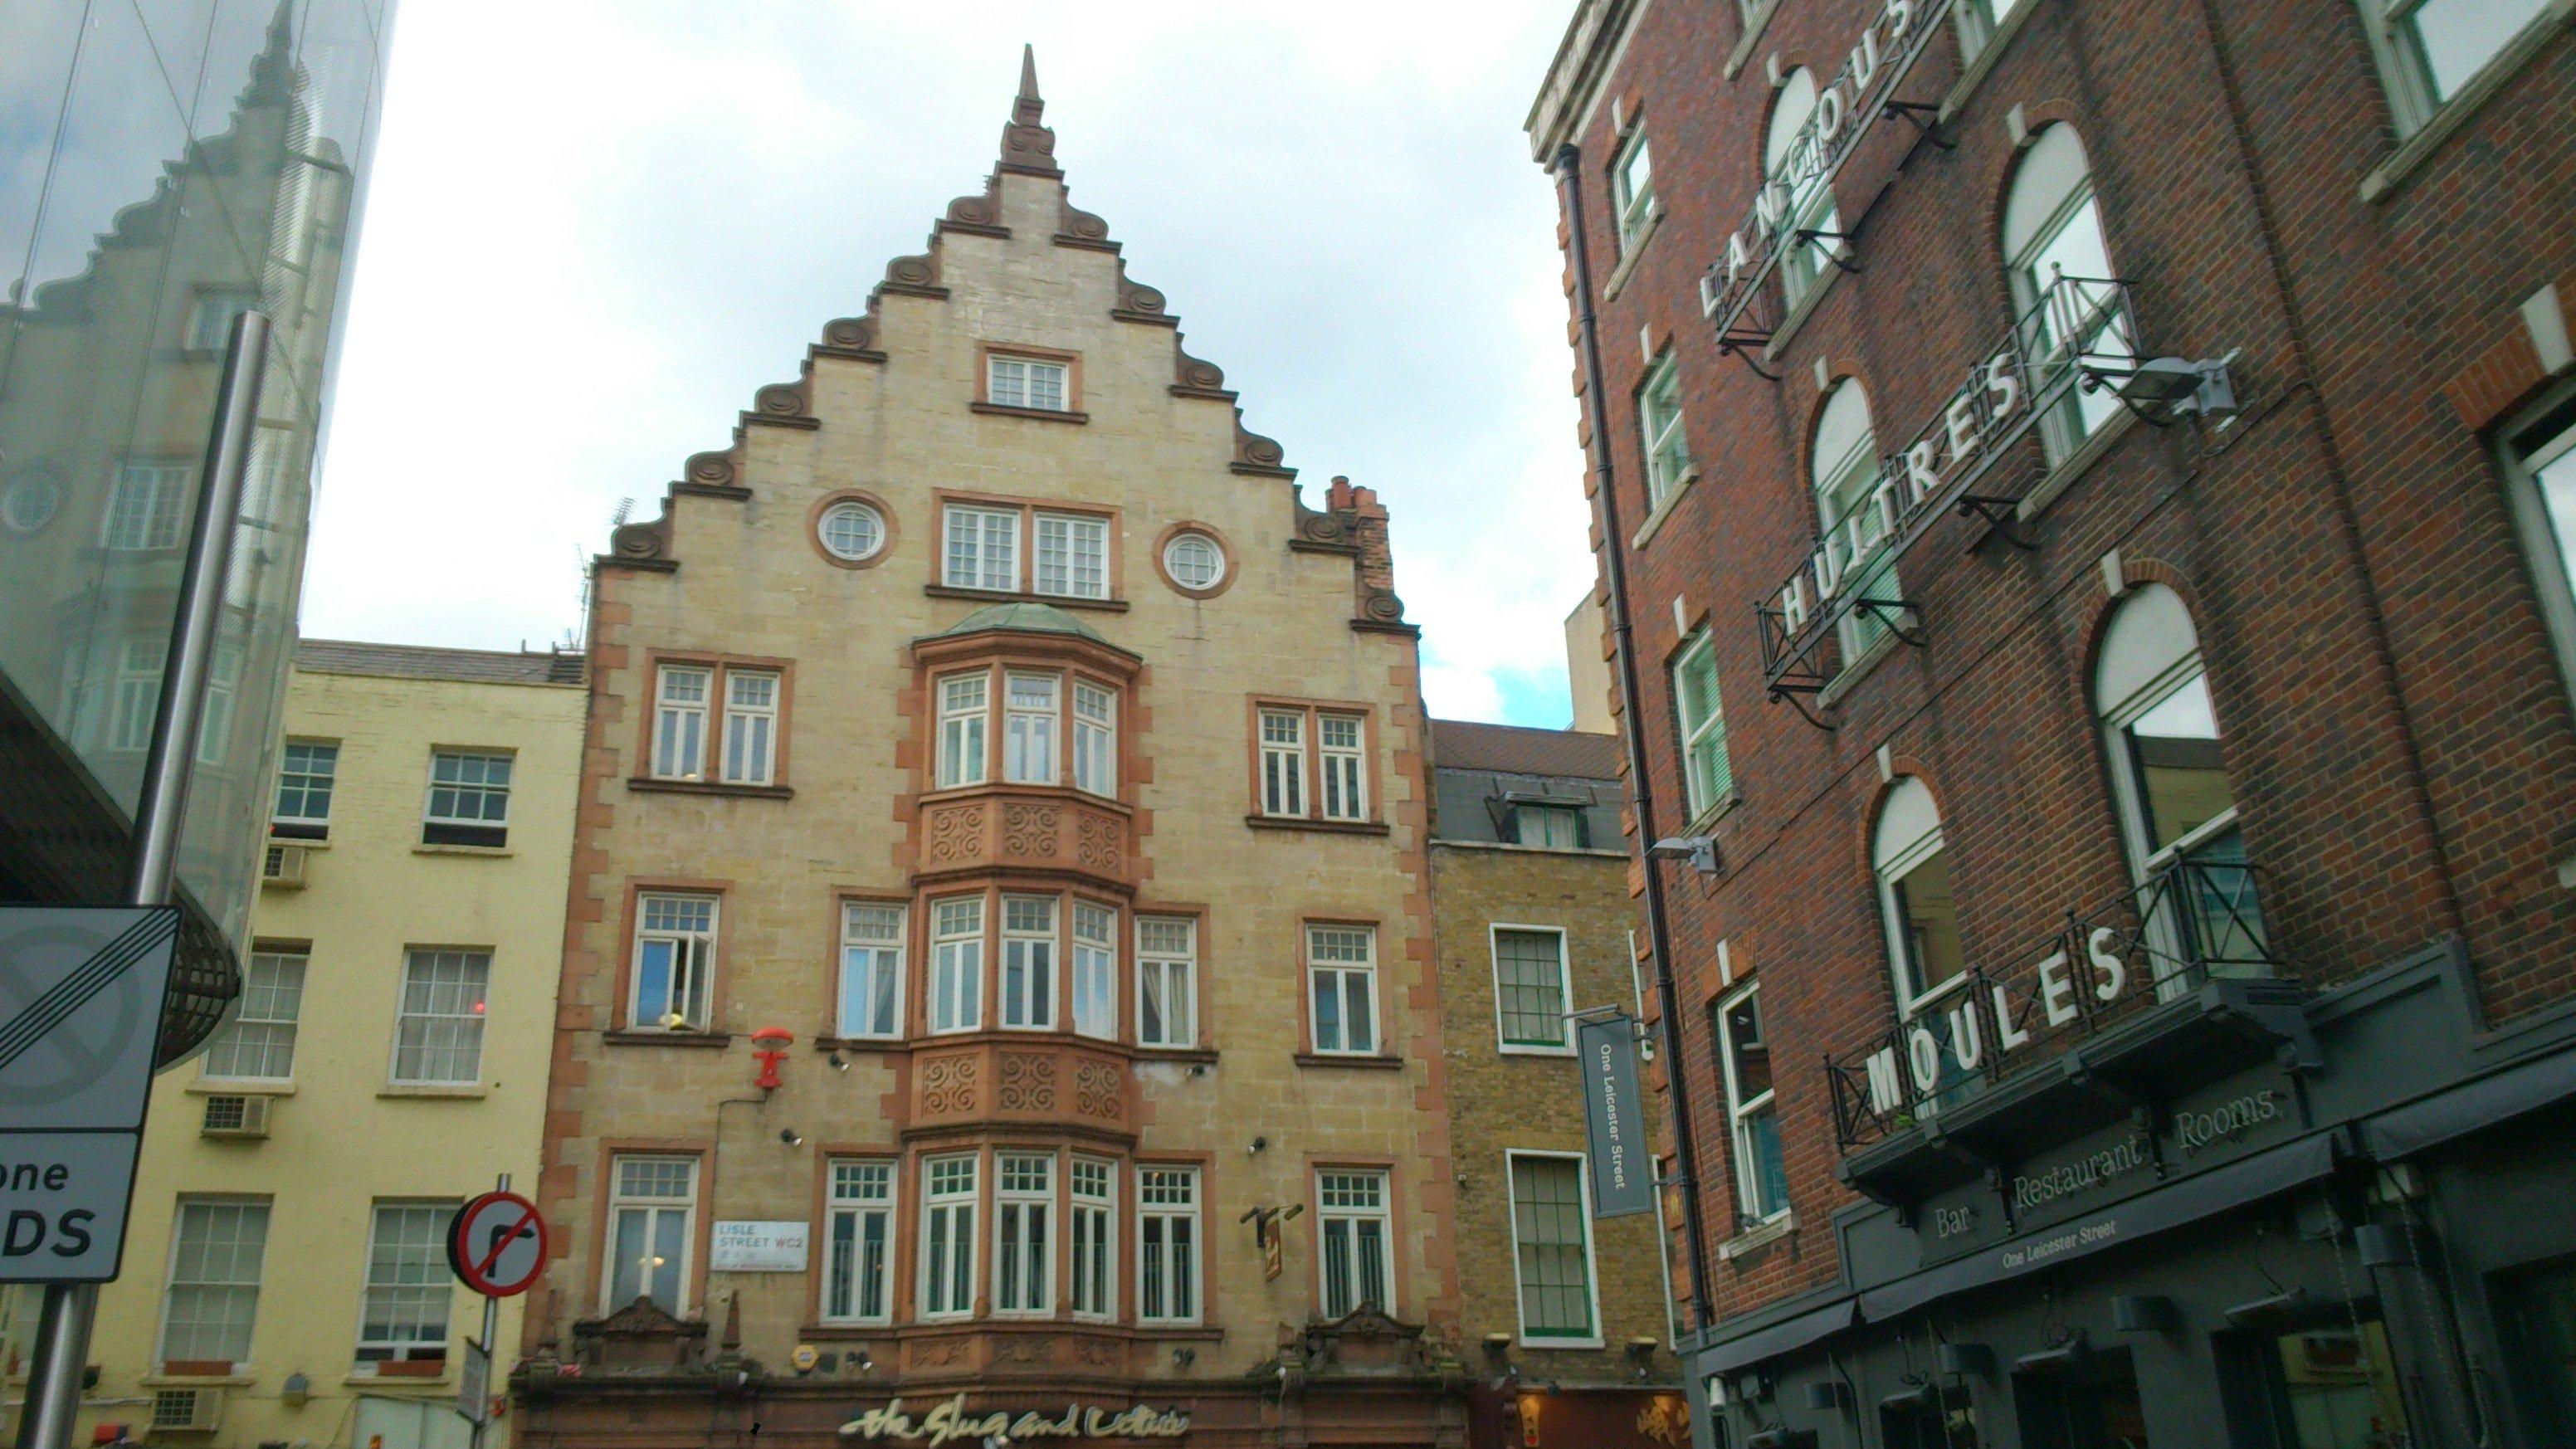 Lisle Street building